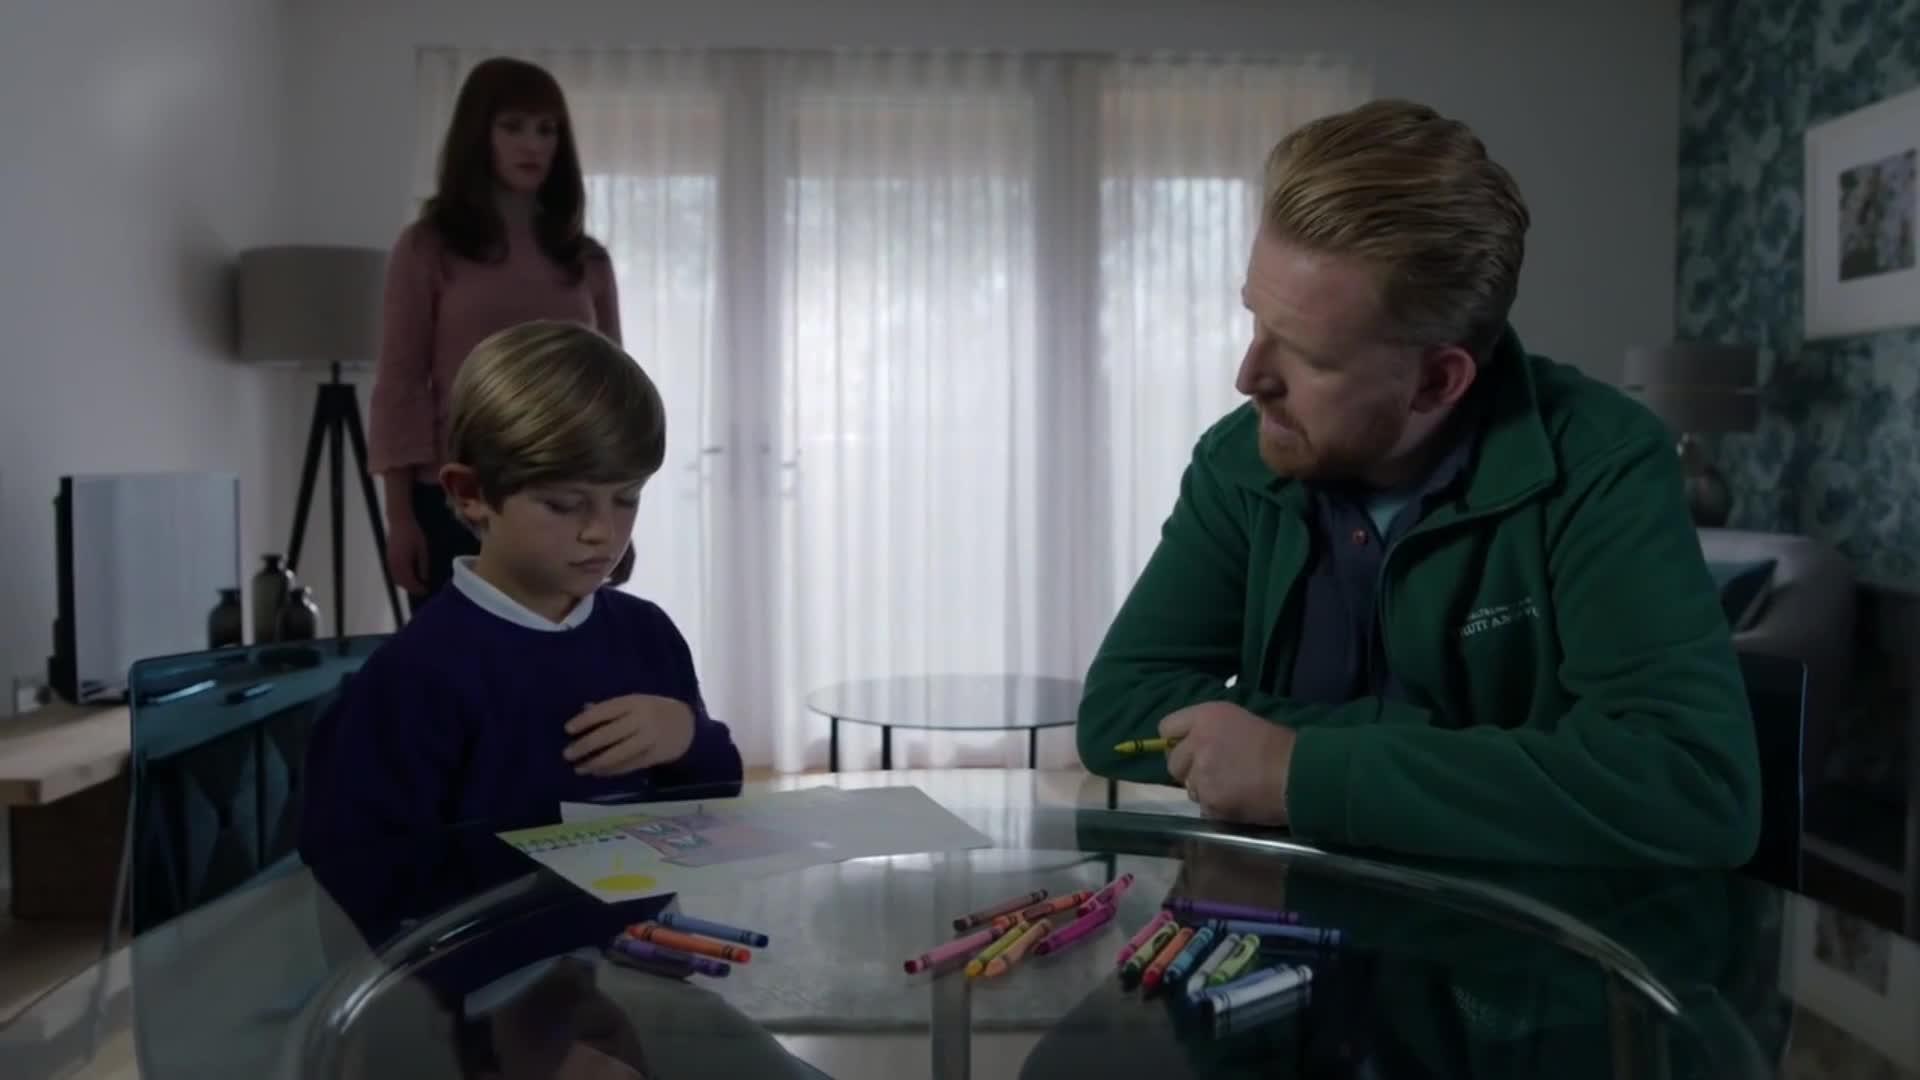 男子到机器人家中,陪儿童机器人画画,没想到他还不如一个小孩